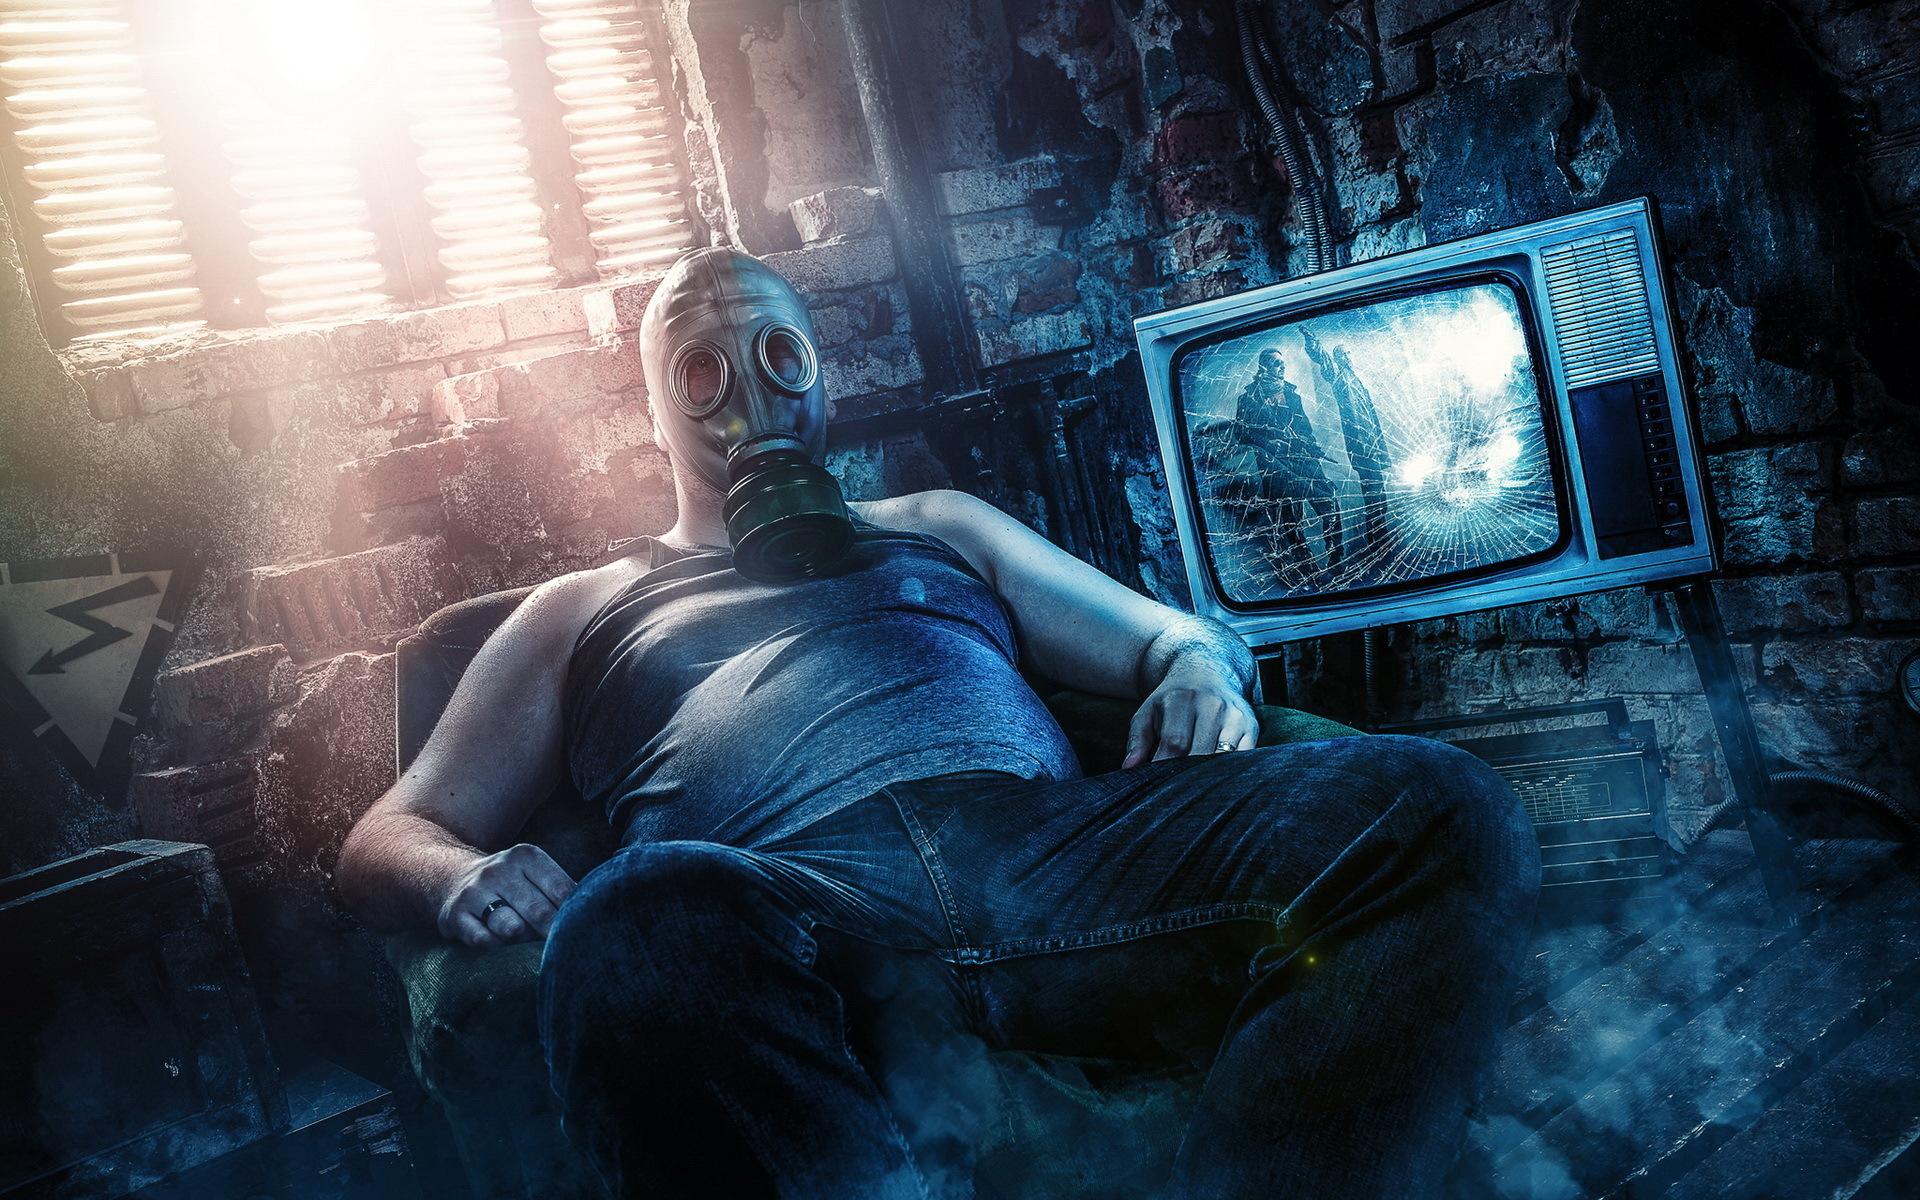 Gas Mask Girl Wallpaper Cyberpunk Backgrounds Hd Pixelstalk Net